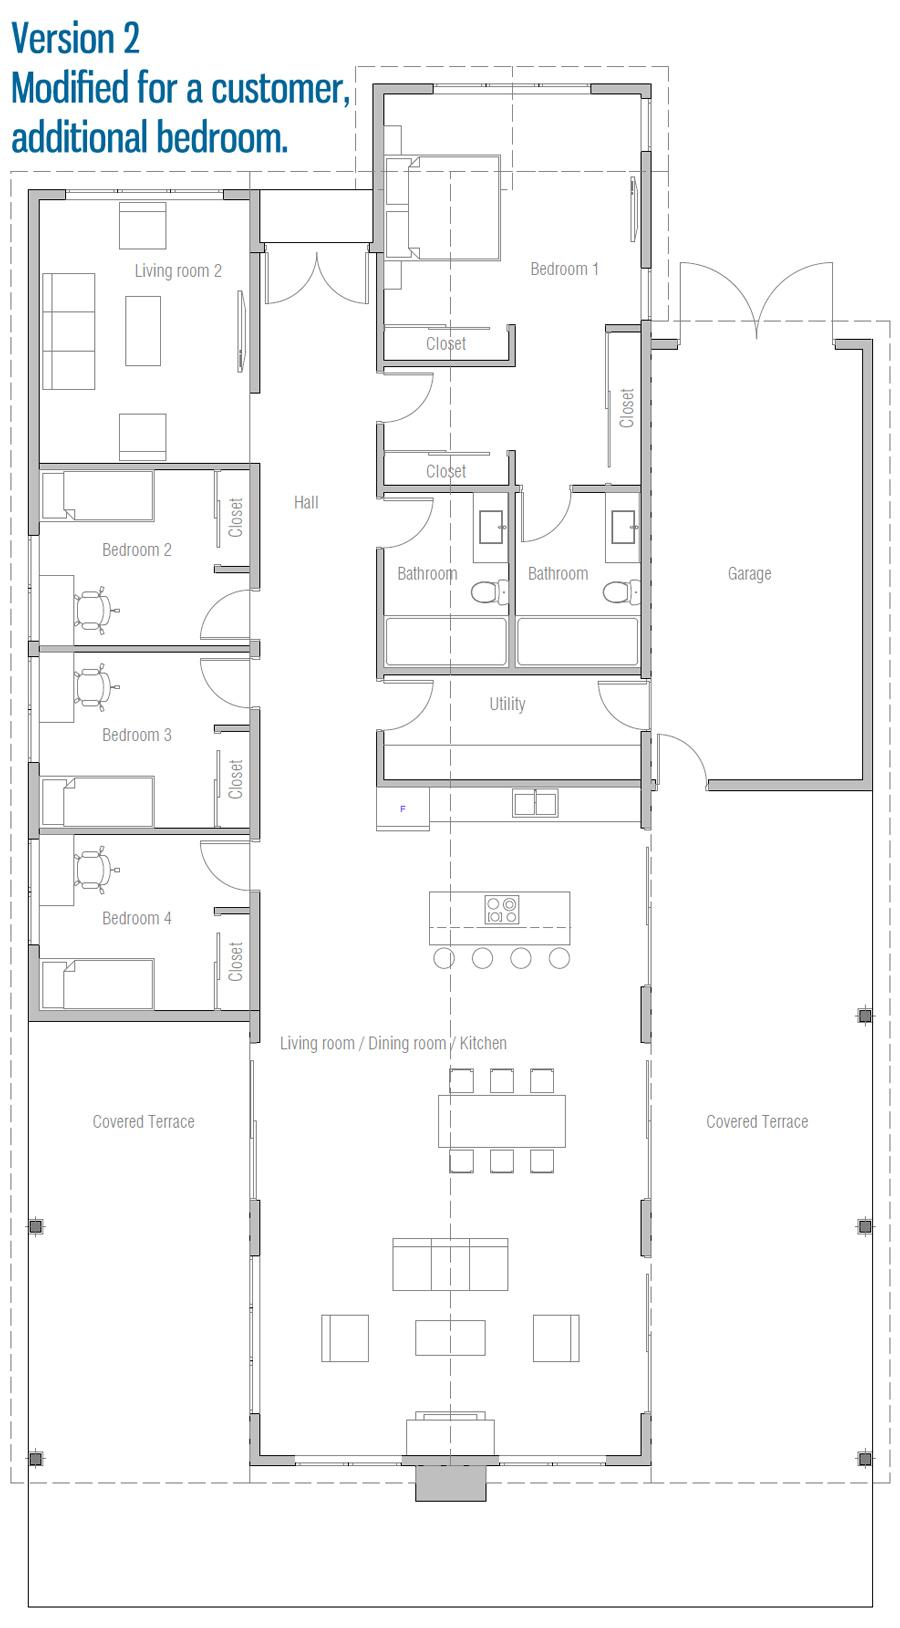 house-plans-2019_21_floor_plan_ch578.jpg